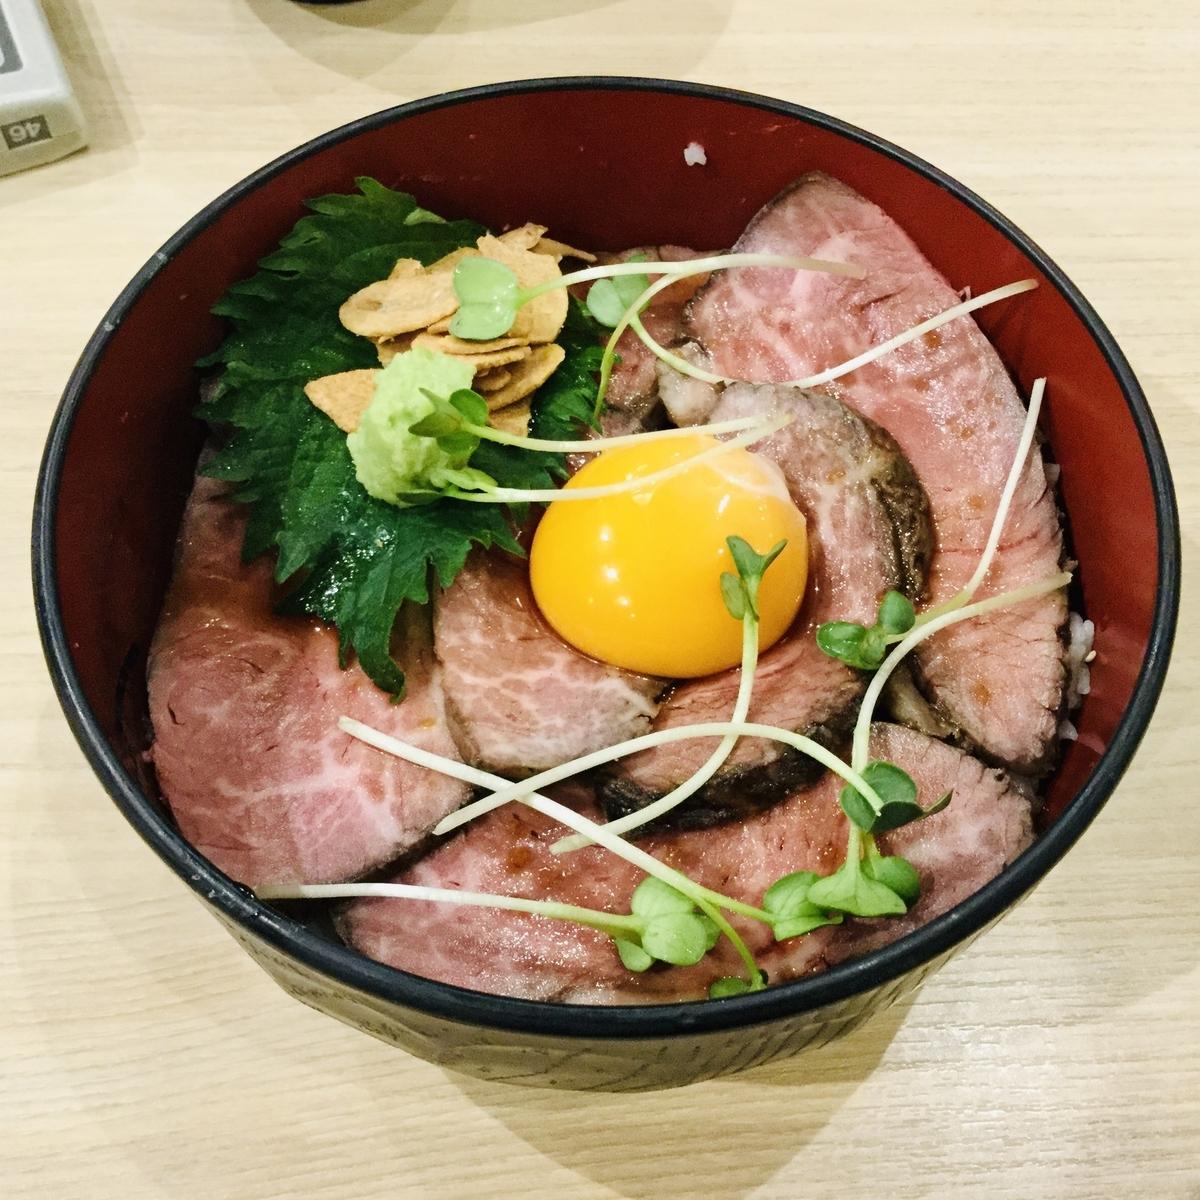 f:id:yumeusagiyukiusagi:20200209090622j:plain